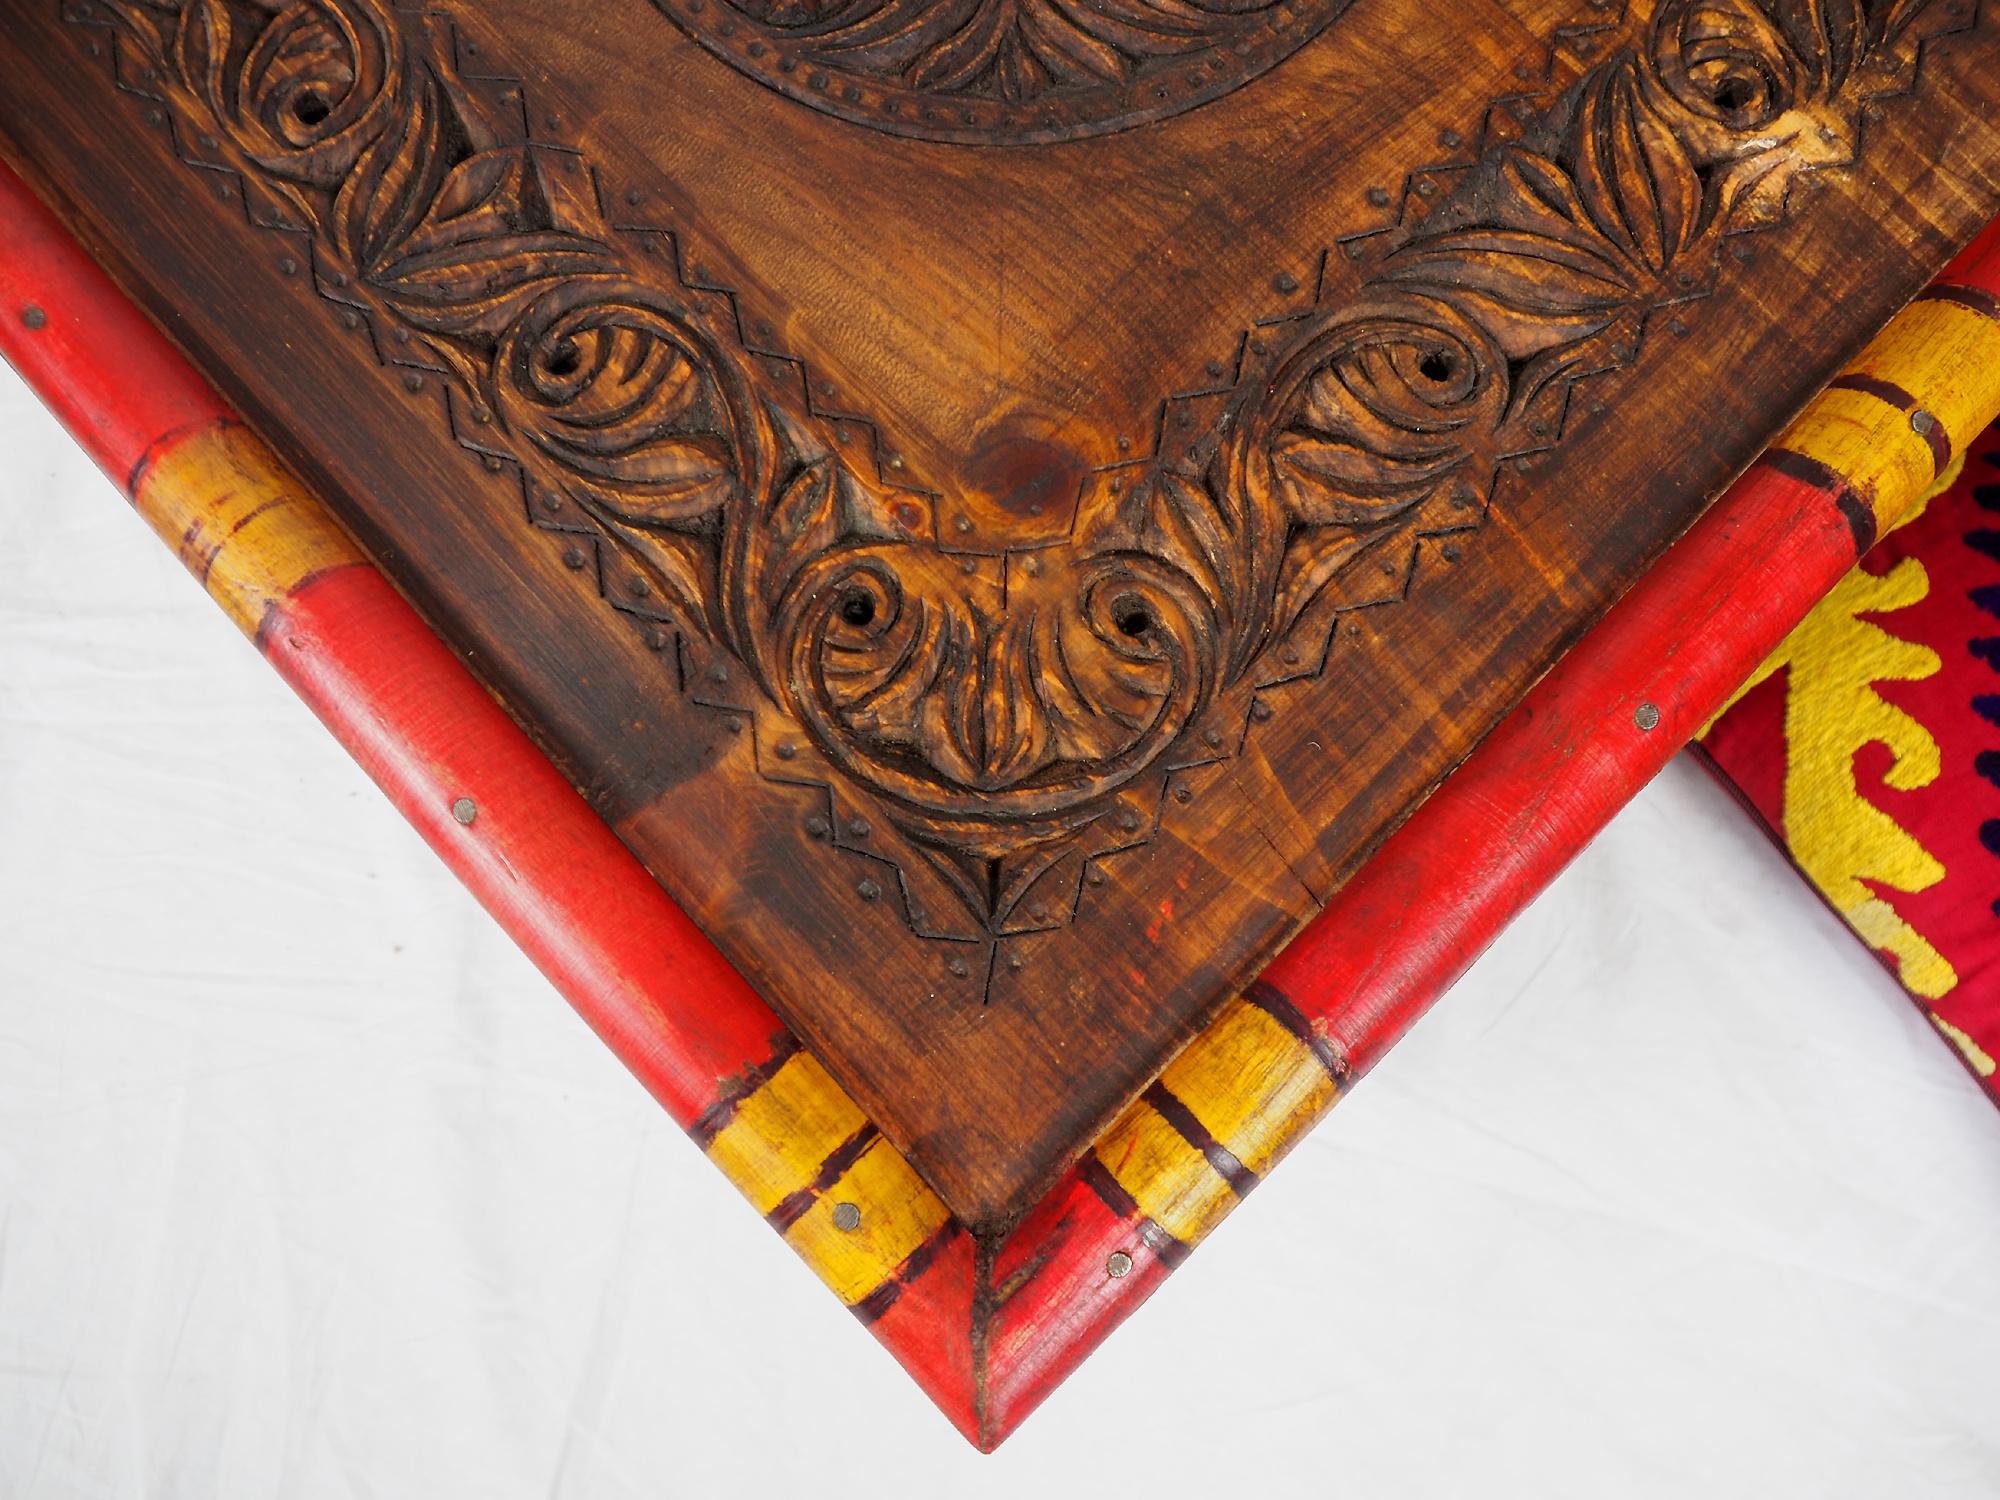 50x50 cm Massivholz handgeschnitzte Teetisch kolonialstil Wohnzimmertisch Tisch tisch aus Afghanistan Nuristan Punjab